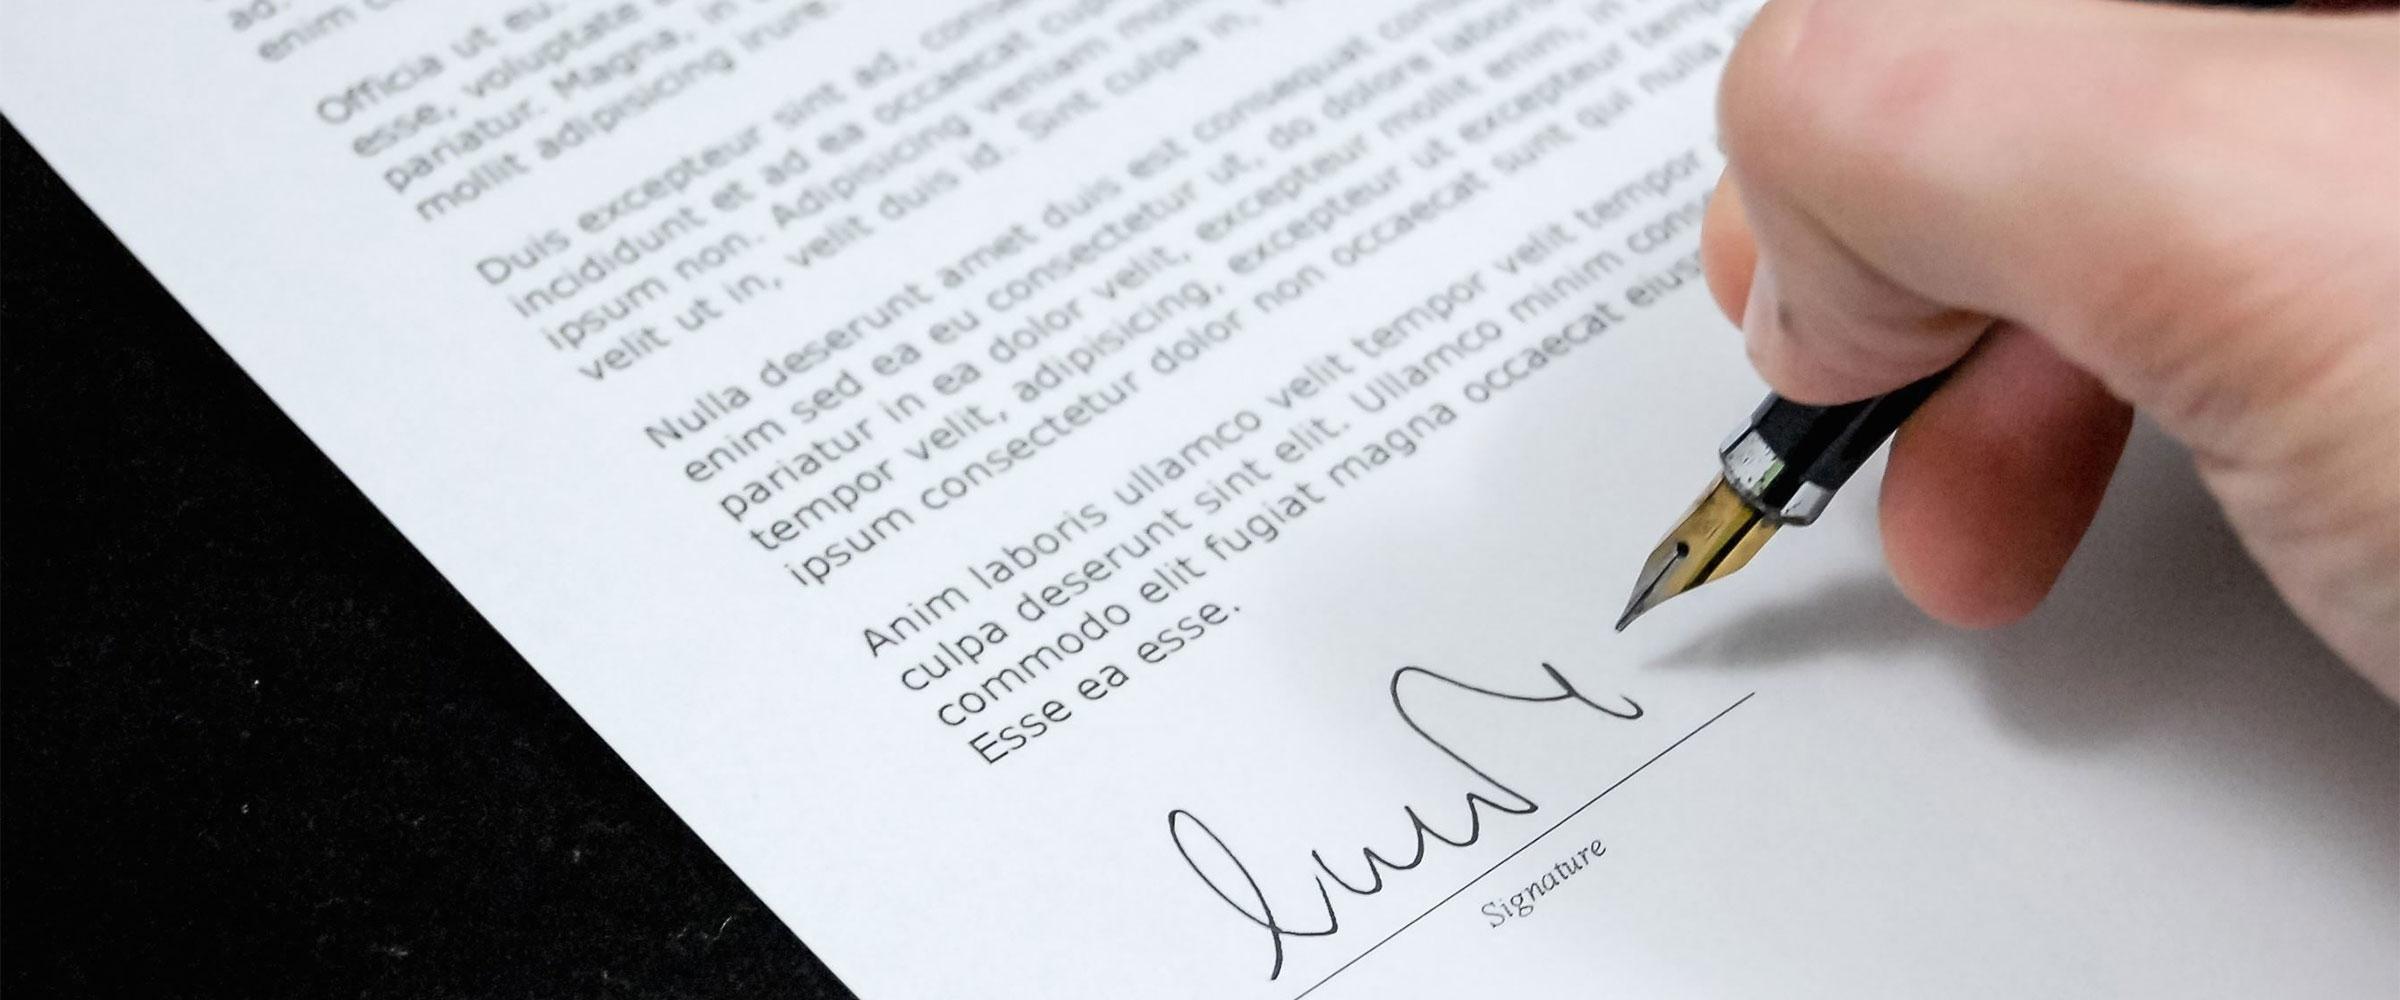 Eine Hand, die soeben mit einem Füllfederhalter einen Vertrag unterschreibt.